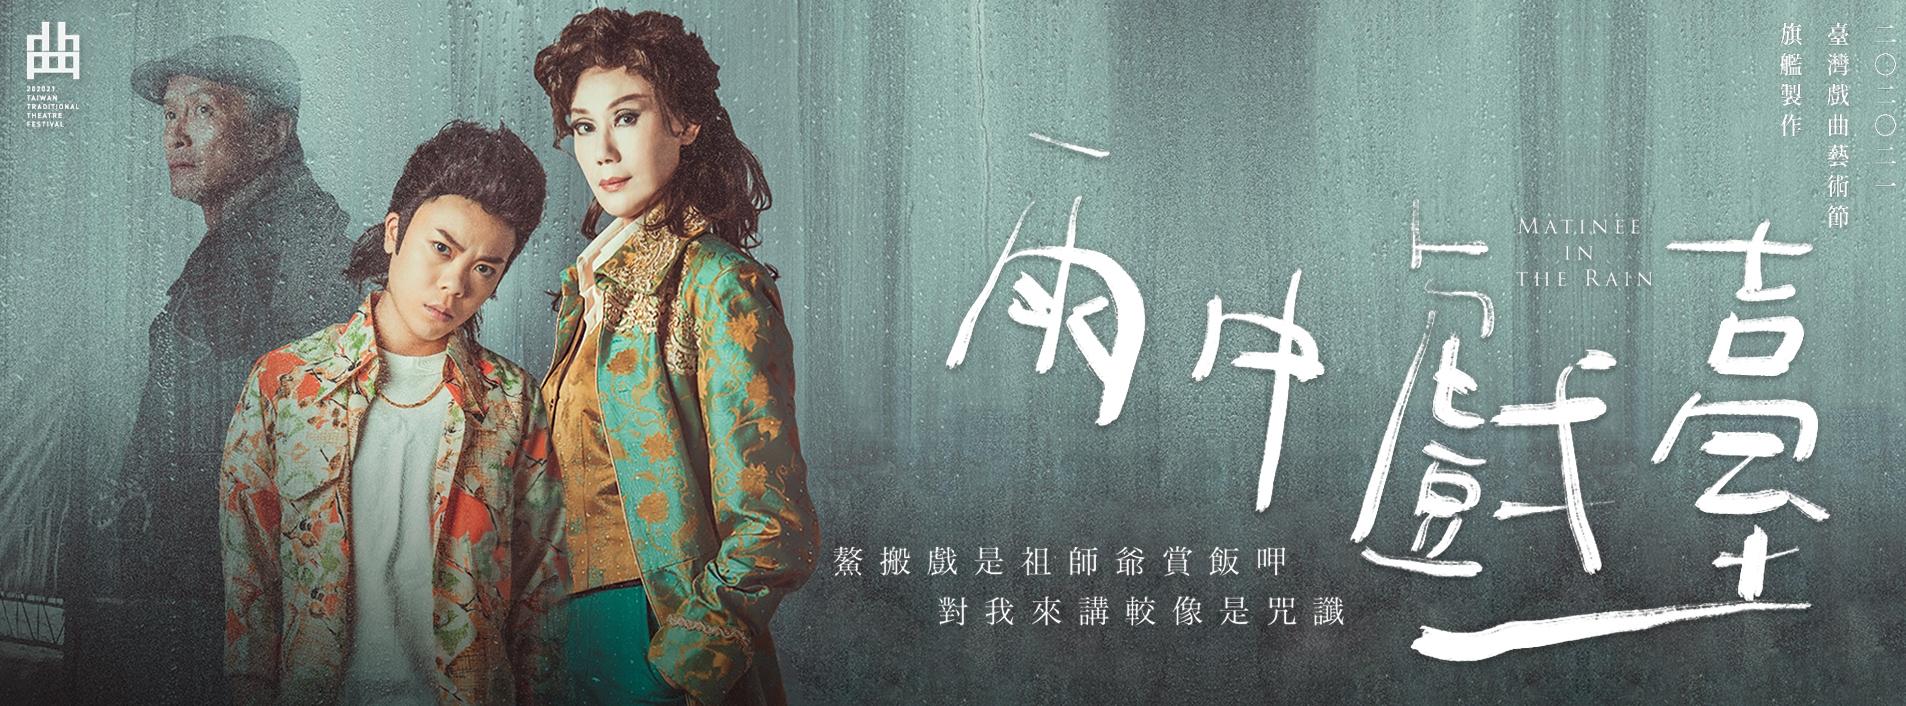 《雨中戲臺》春美歌劇團X金枝演社|202021臺灣戲曲藝術節「另開新視窗」